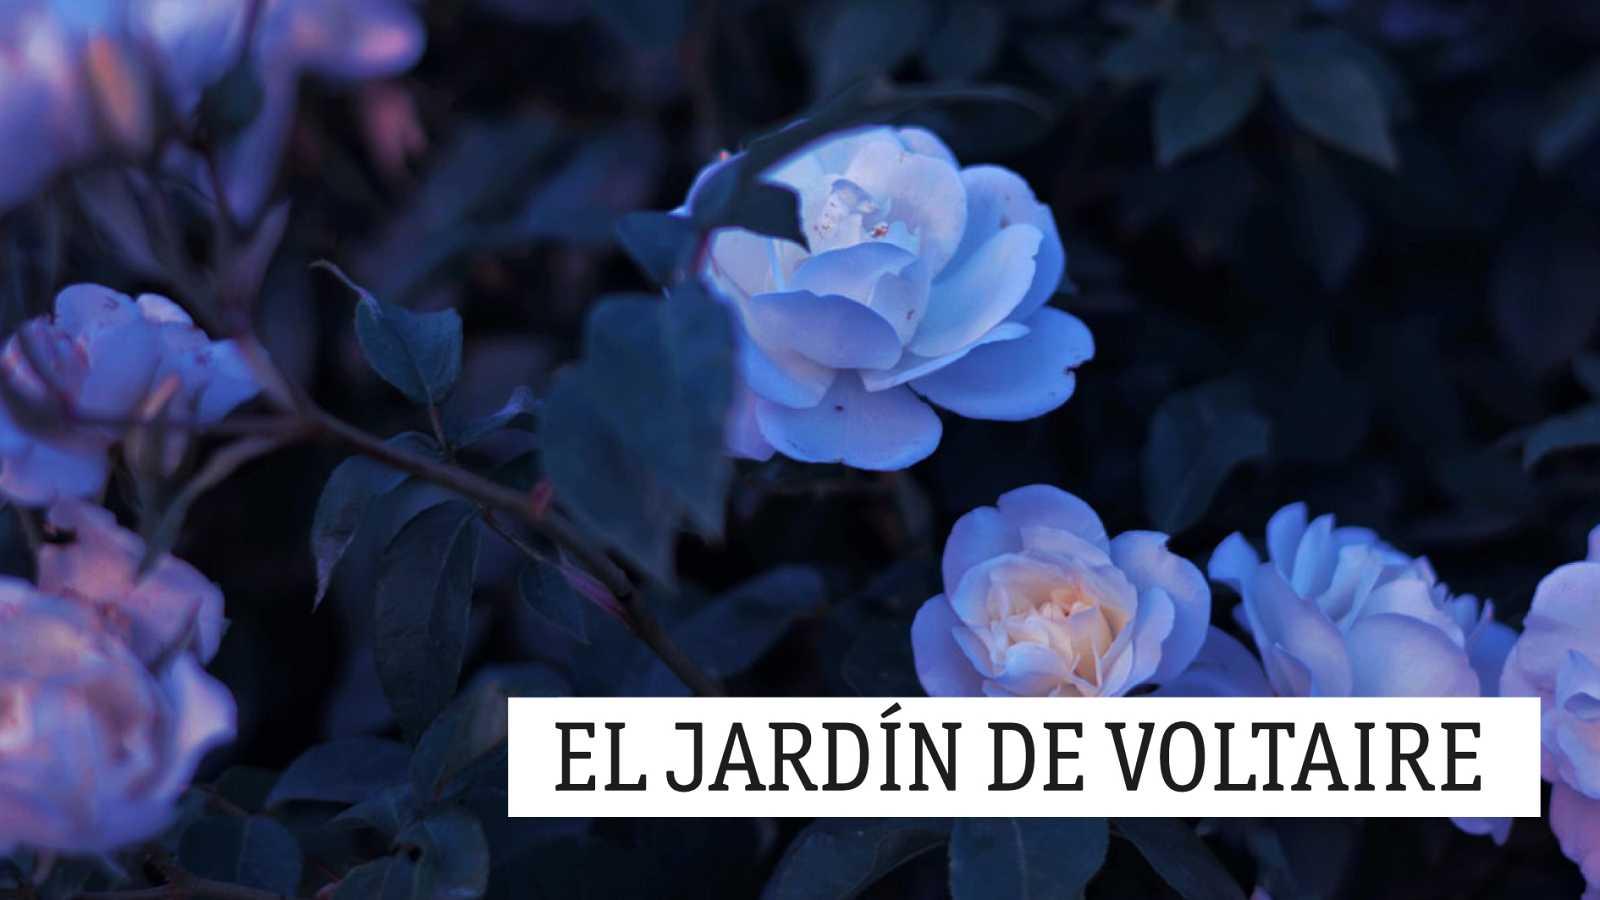 El jardín de Voltaire - La mentira y el disimulo - 18/08/20 - escuchar ahora